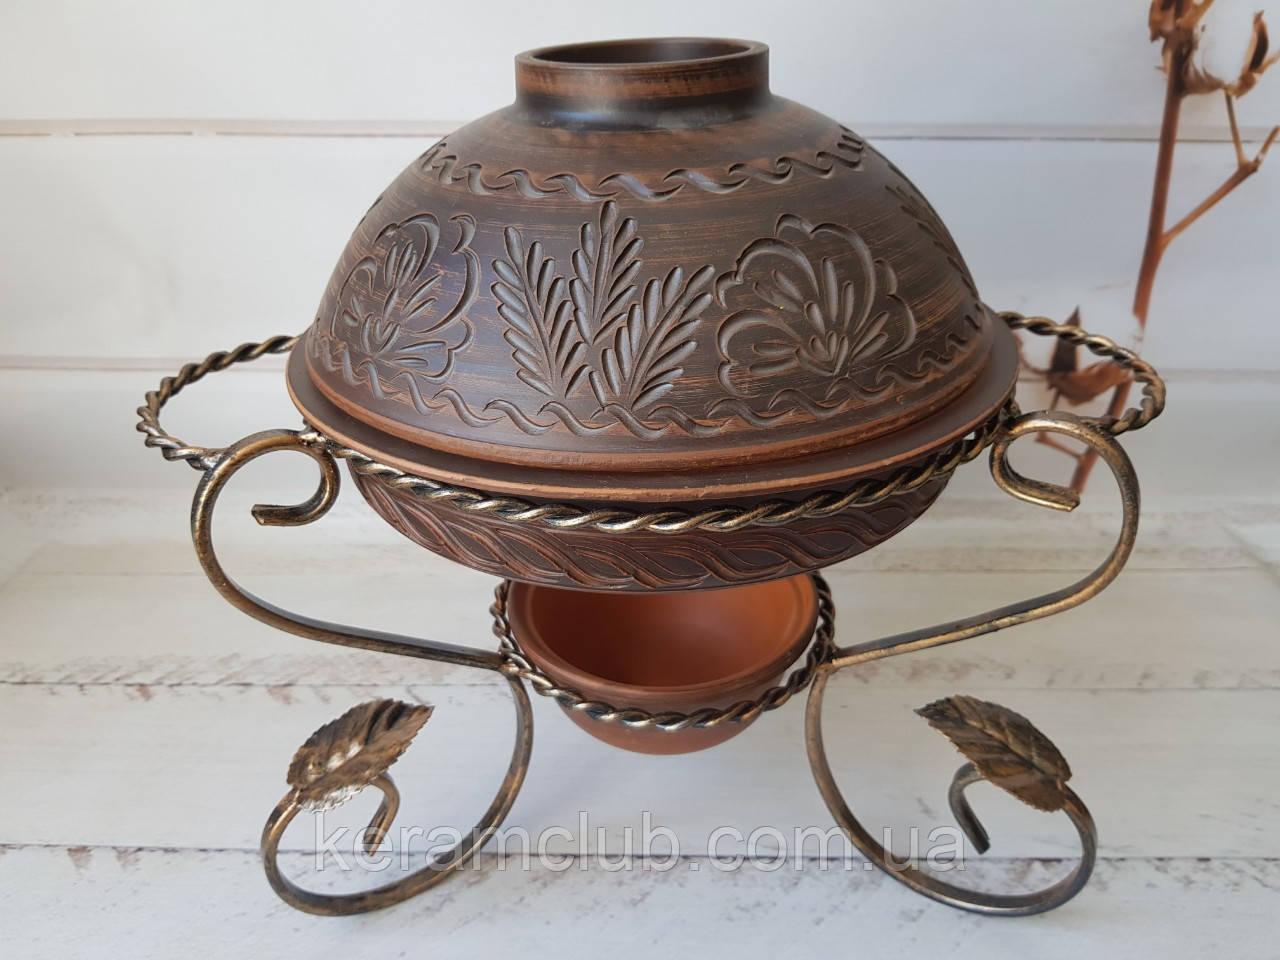 Садж для подачи шашлыка с формой из красной глины 2 л